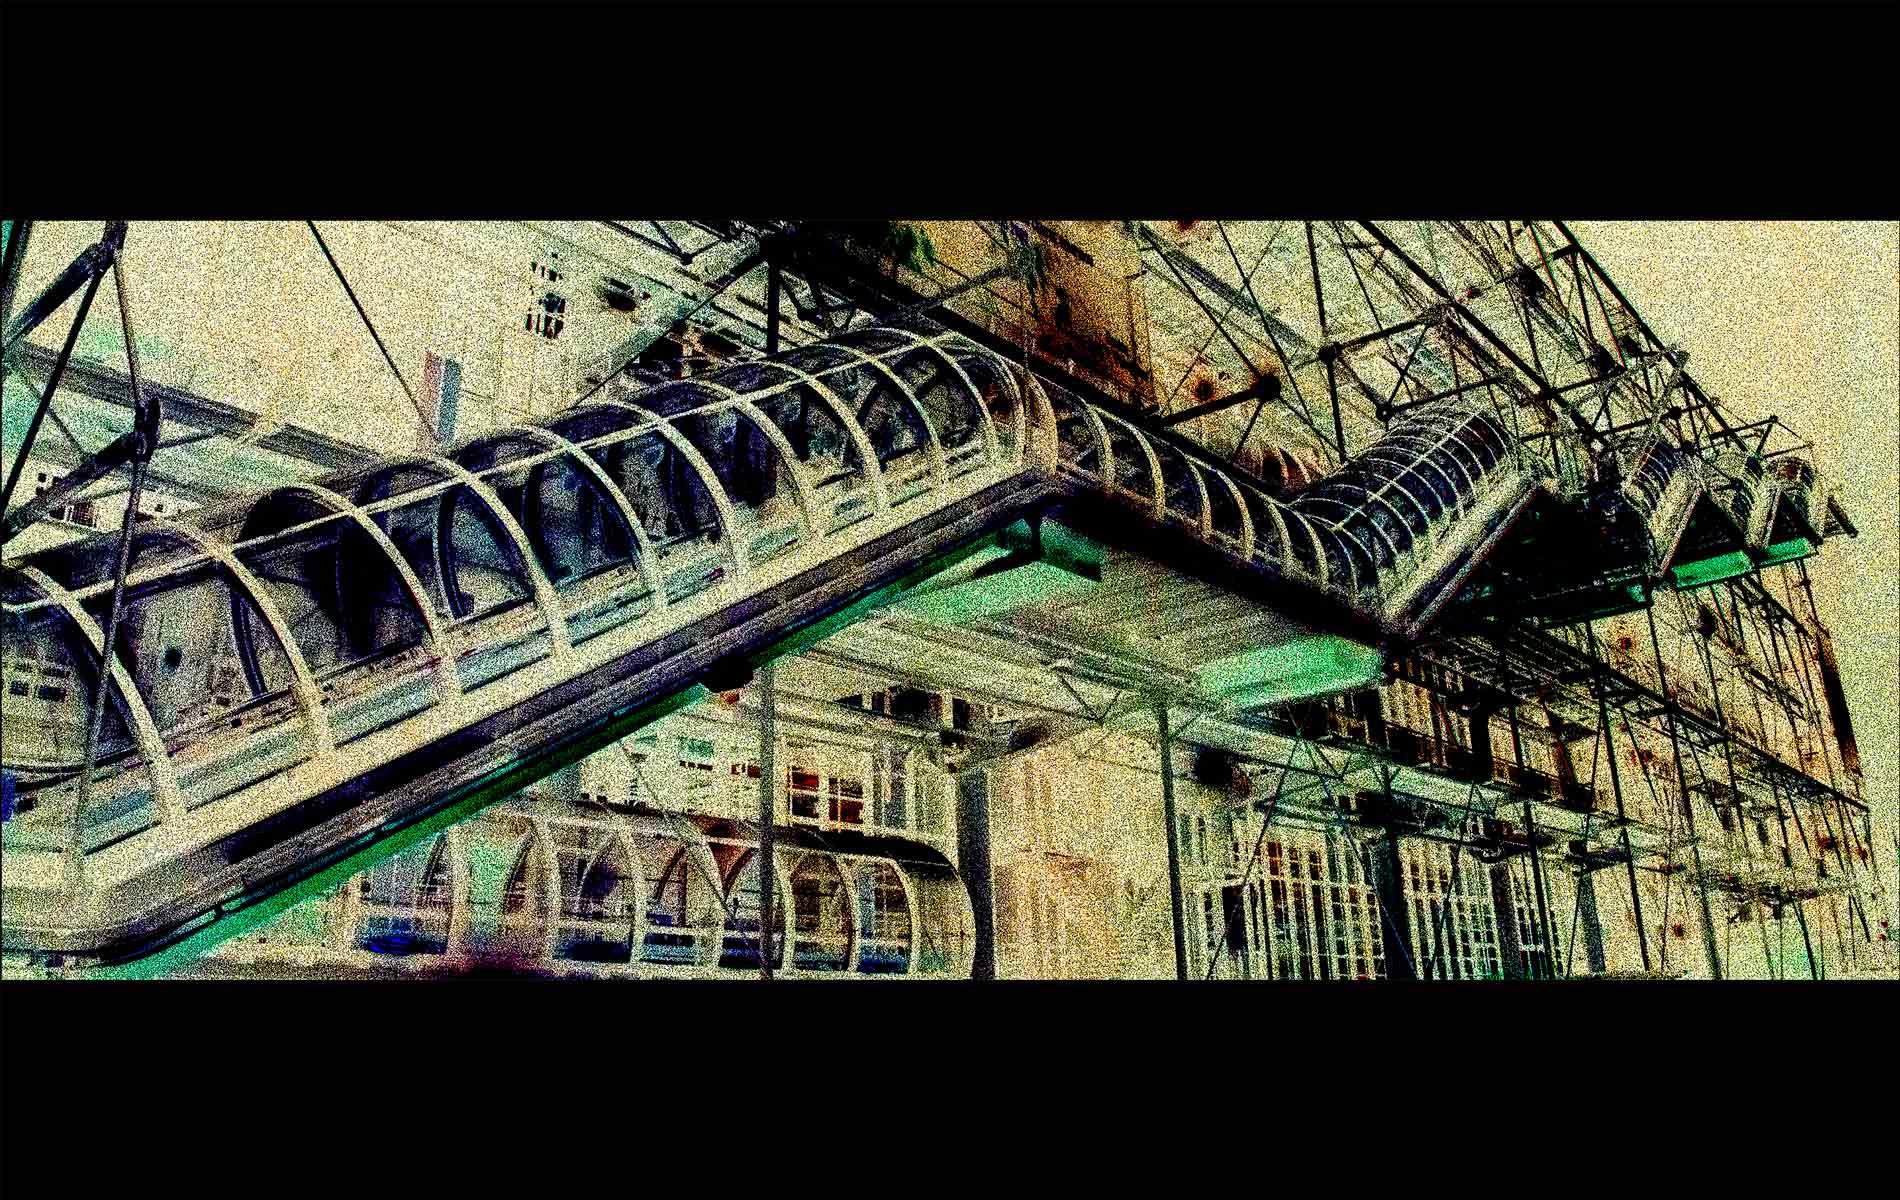 35 - Tunnel-Polycultural - Multicultural-Tunnel n.1 - © Graziano Villa